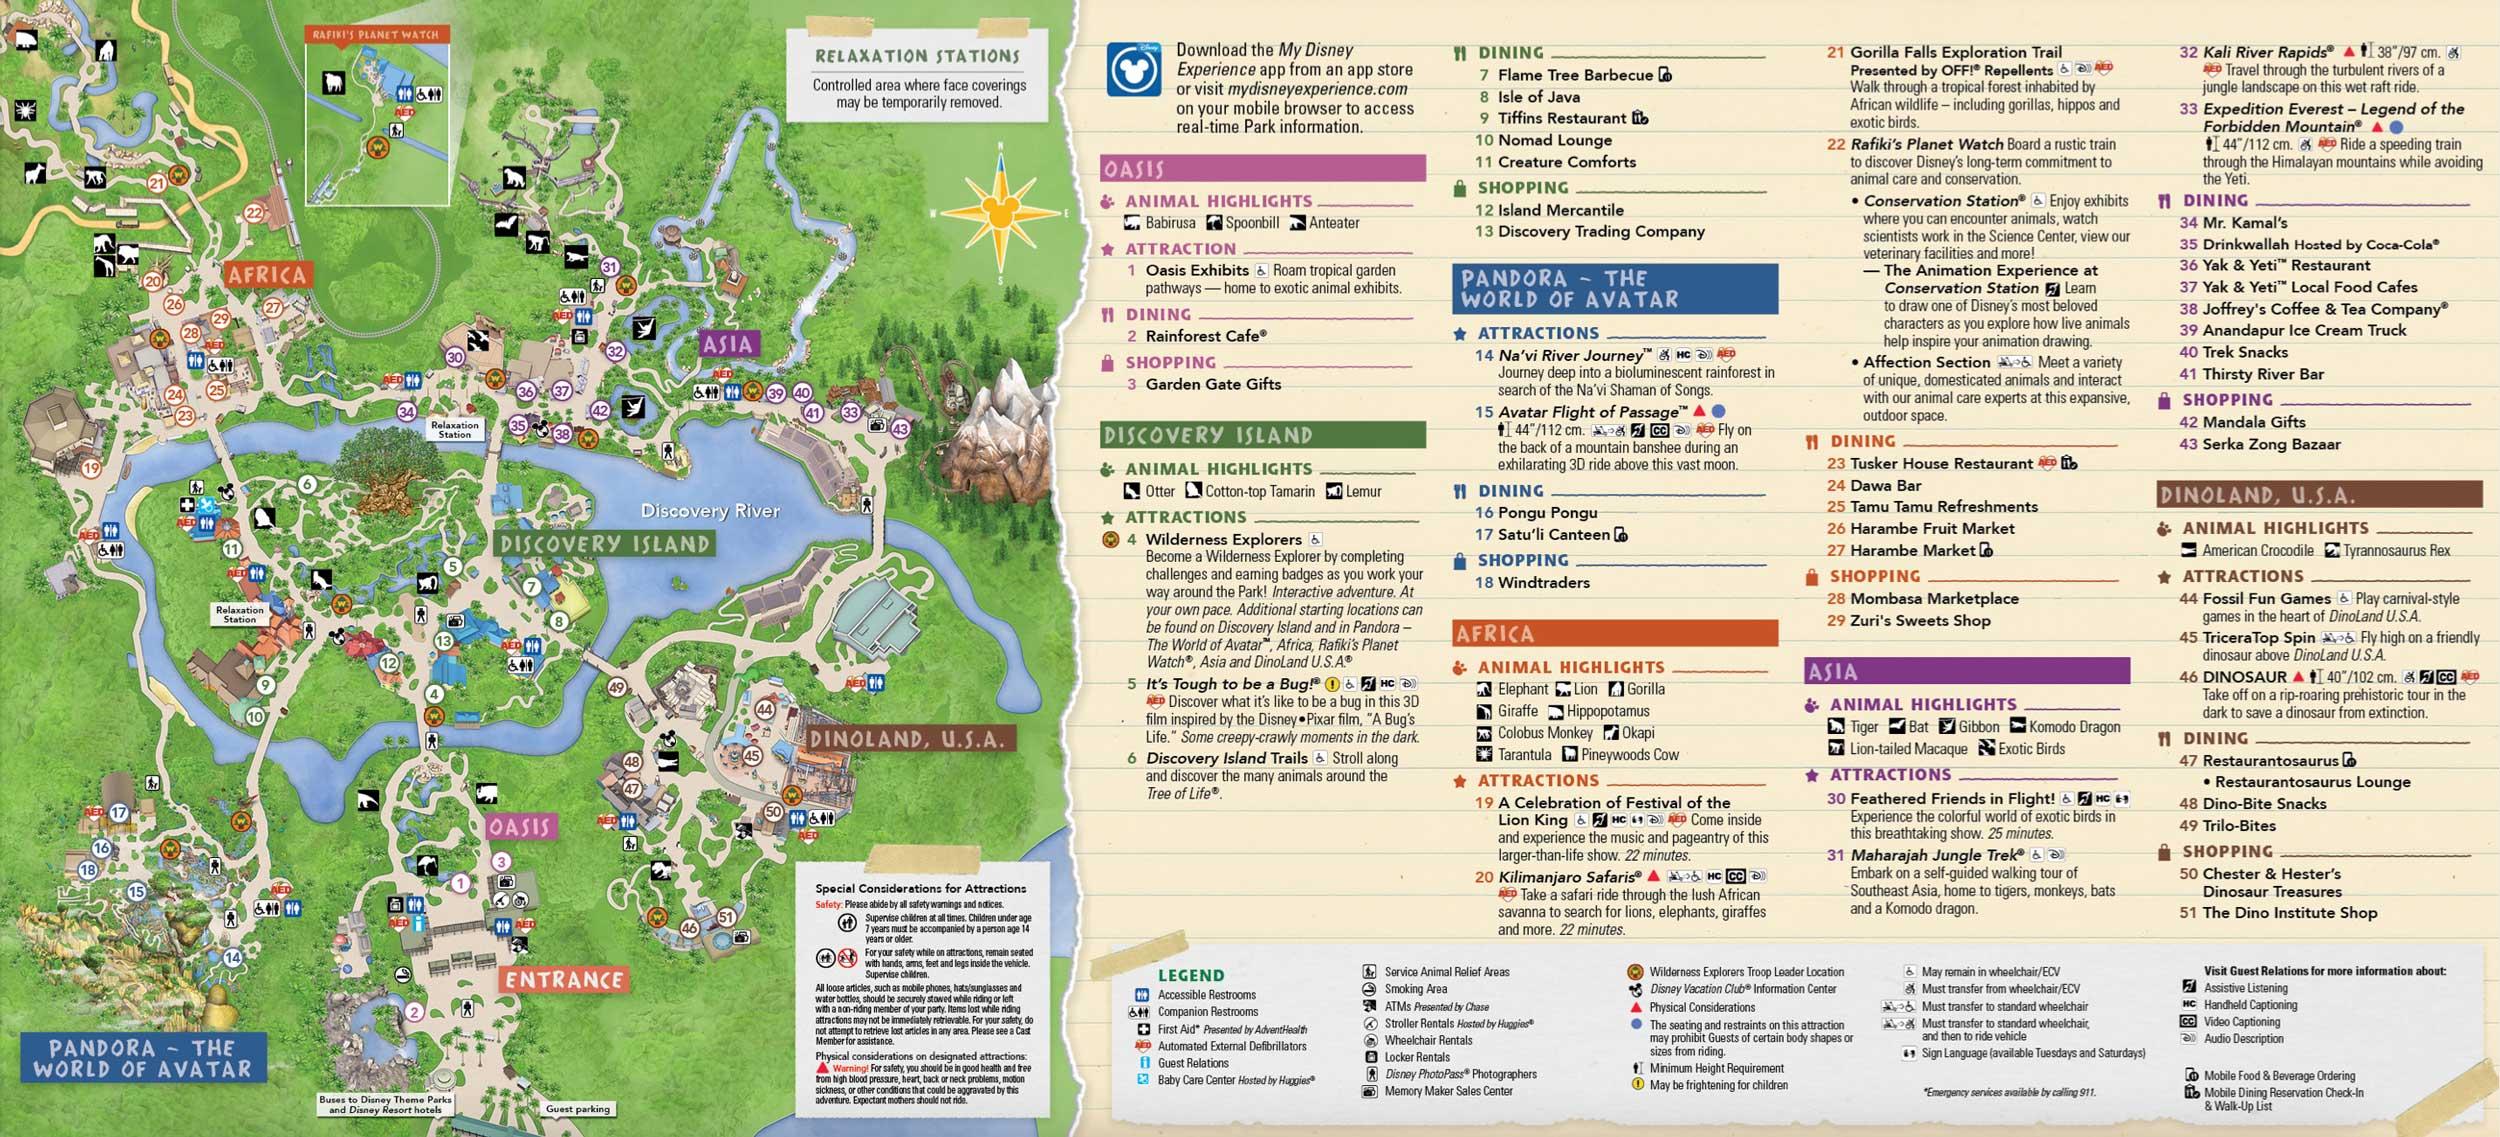 Disney\'s Animal Kingdom - Wikipedia